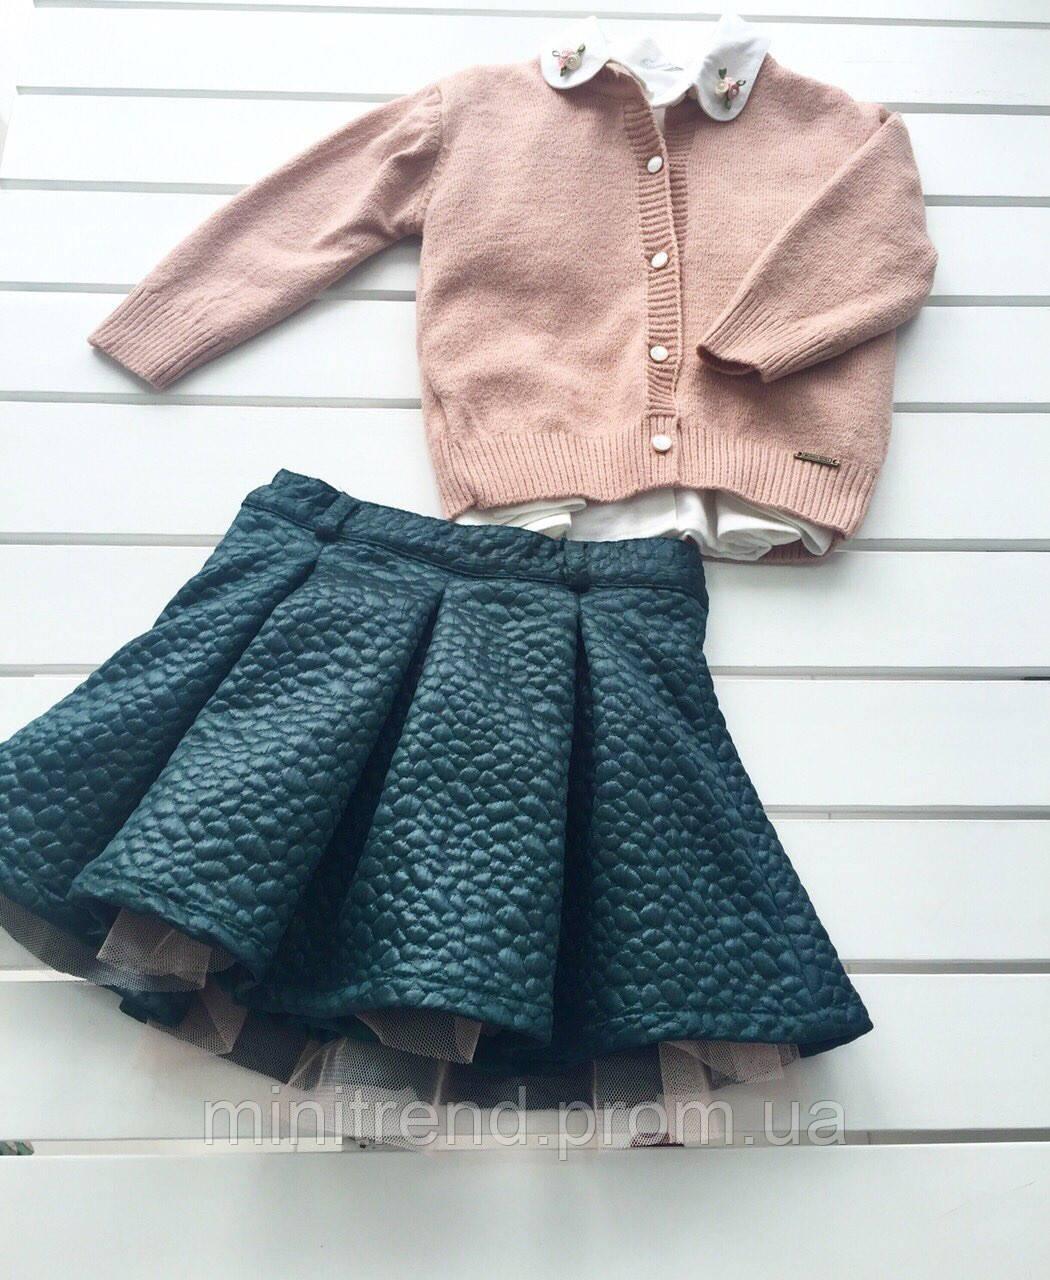 Детский костюм - кофта рубашка юбка - для девочки на 2-3 года  - Интернет-магазин детской одежды MiniTrend в Одессе